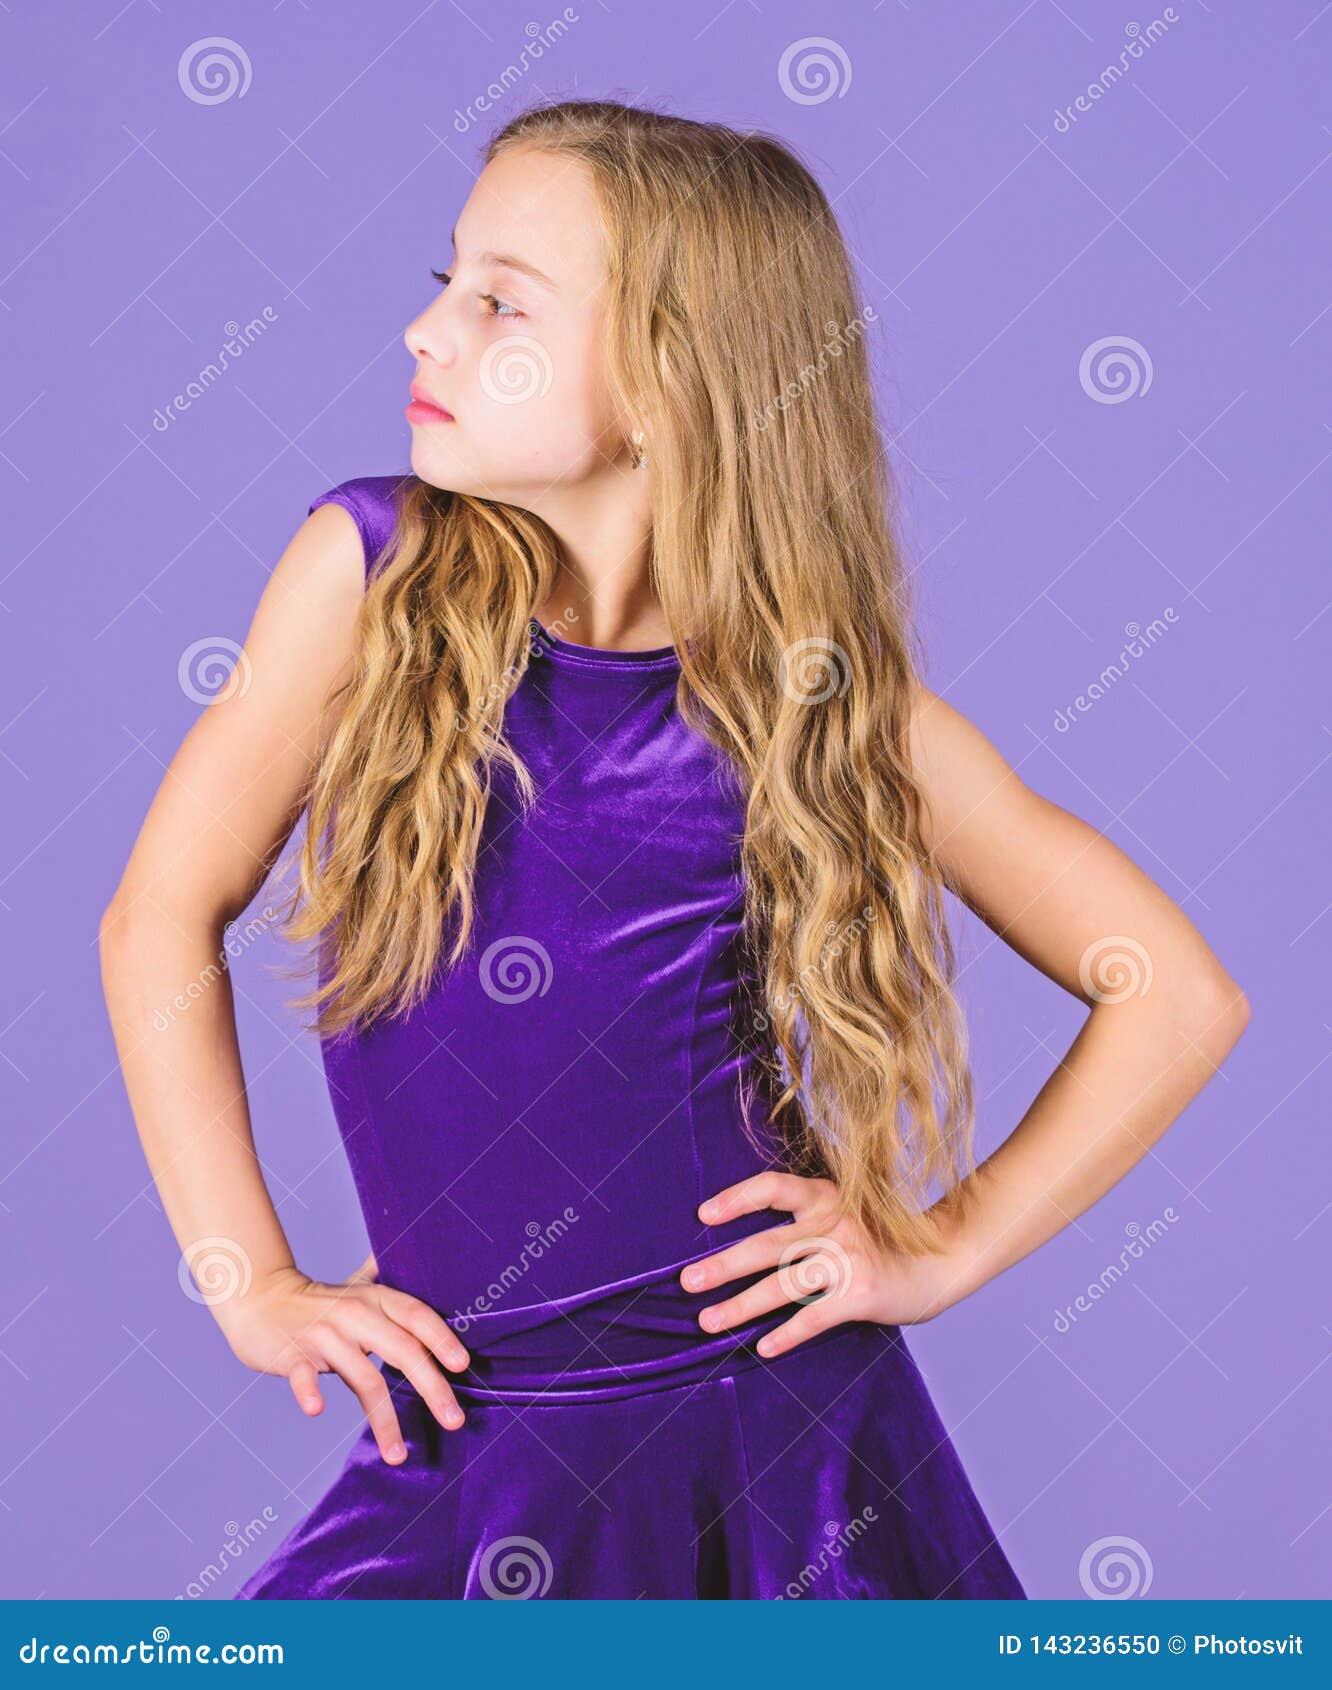 Girl child wear velvet violet dress. Clothes for ballroom dance. Kid fashionable dress looks adorable. Ballroom